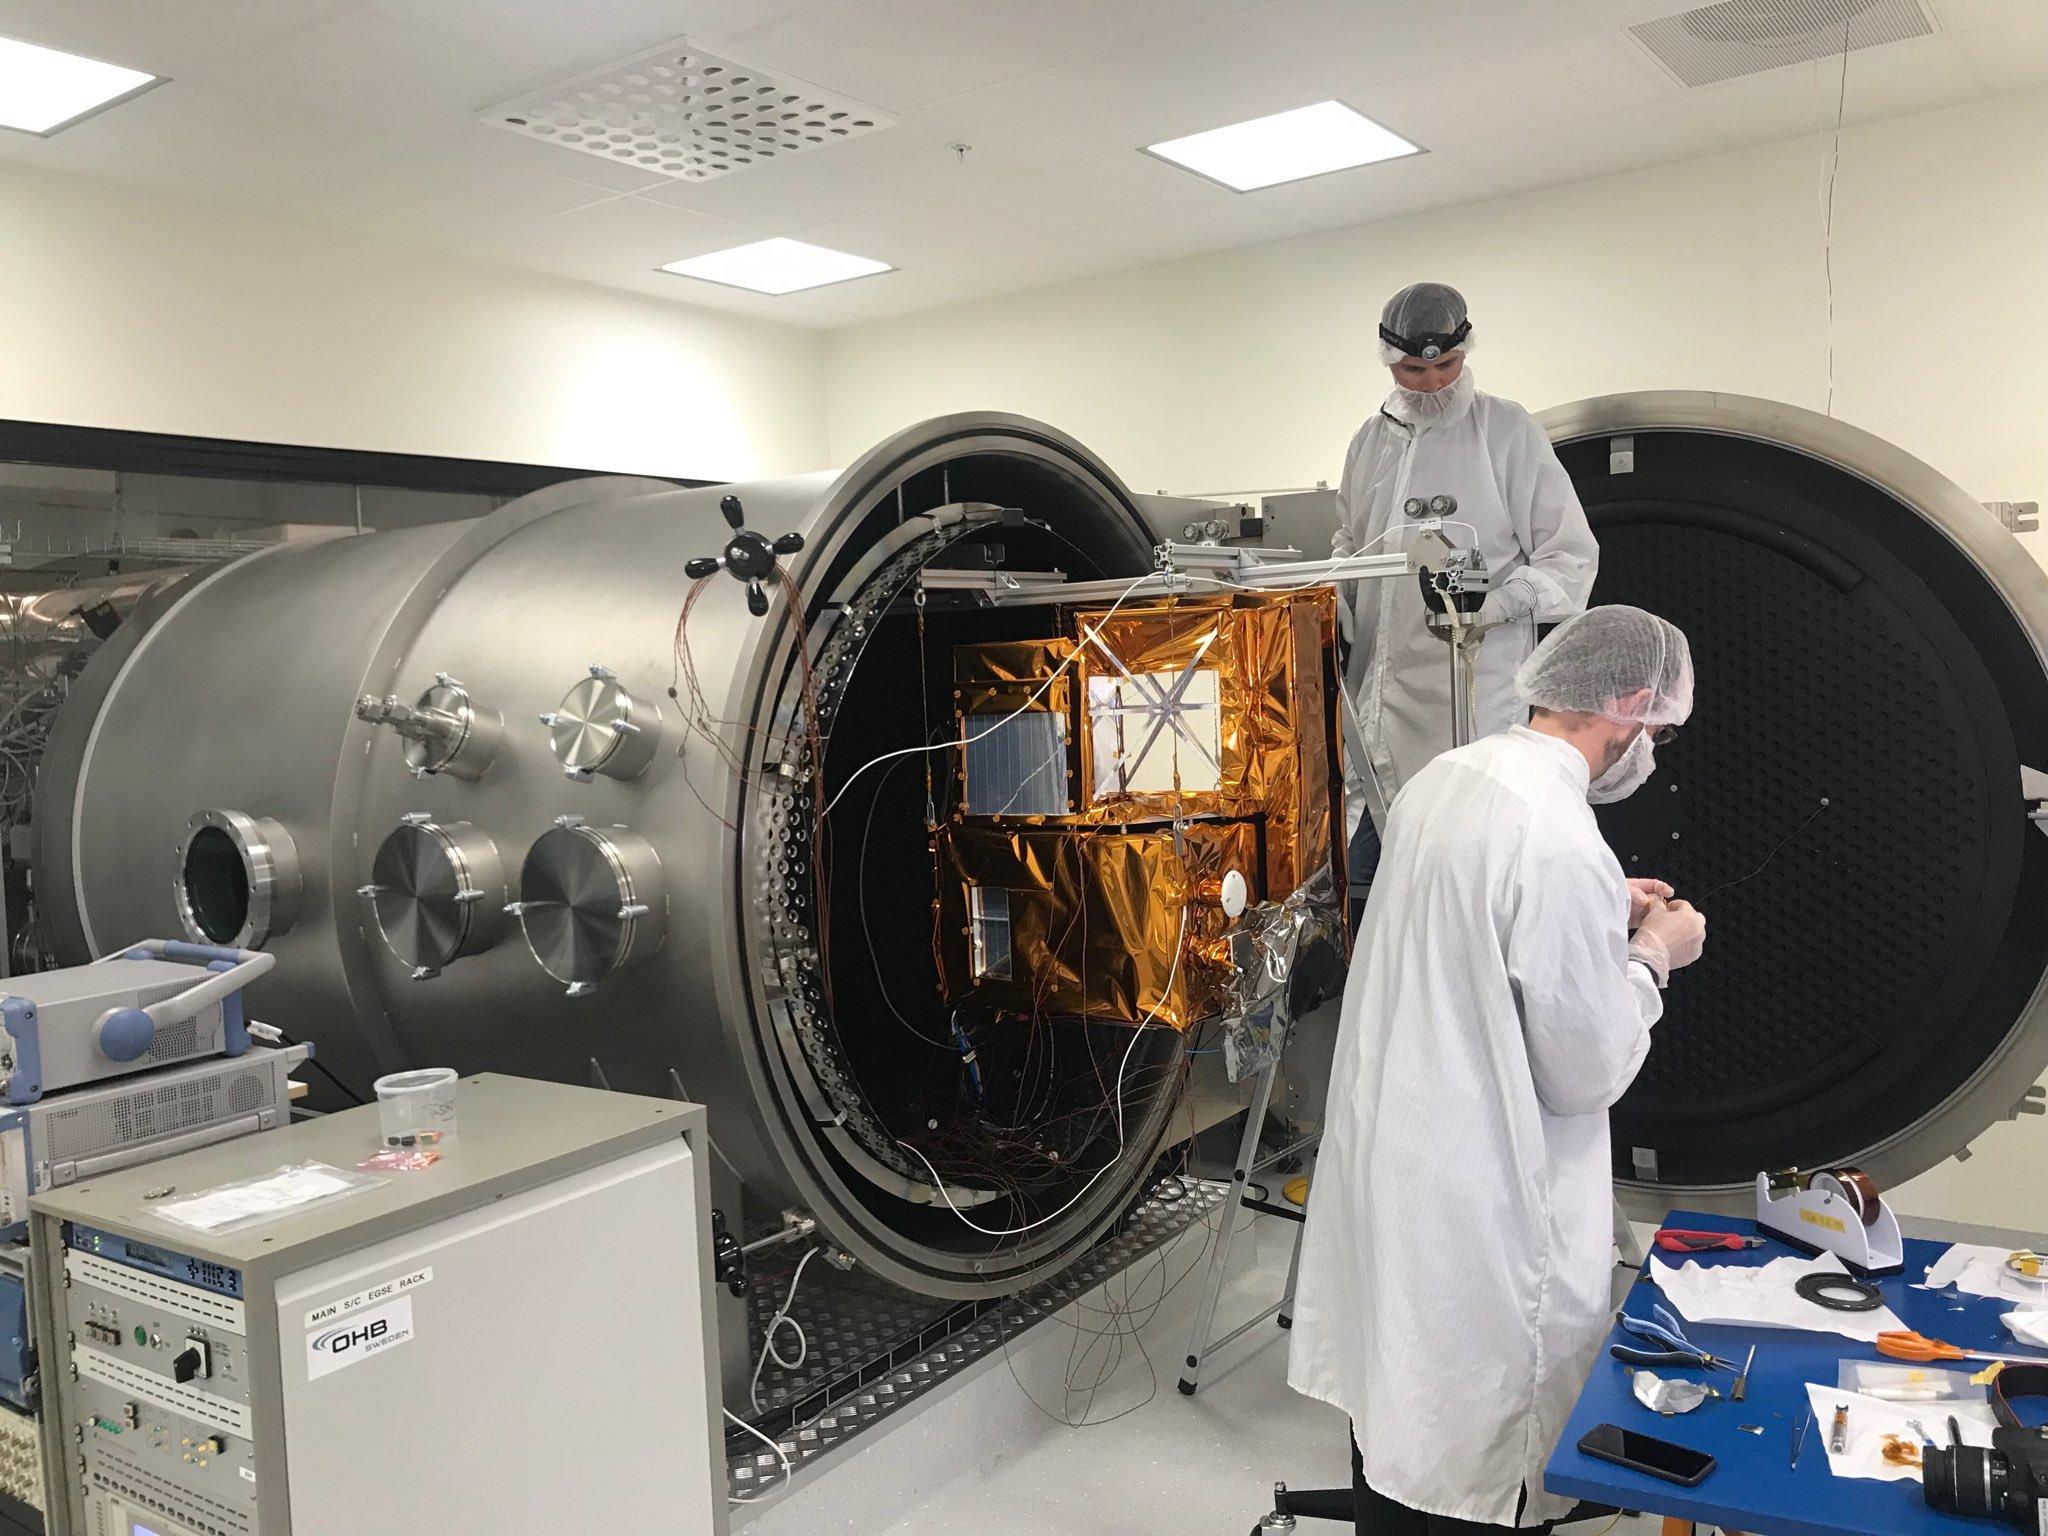 Satelliten Mats testas i vakuumkammare